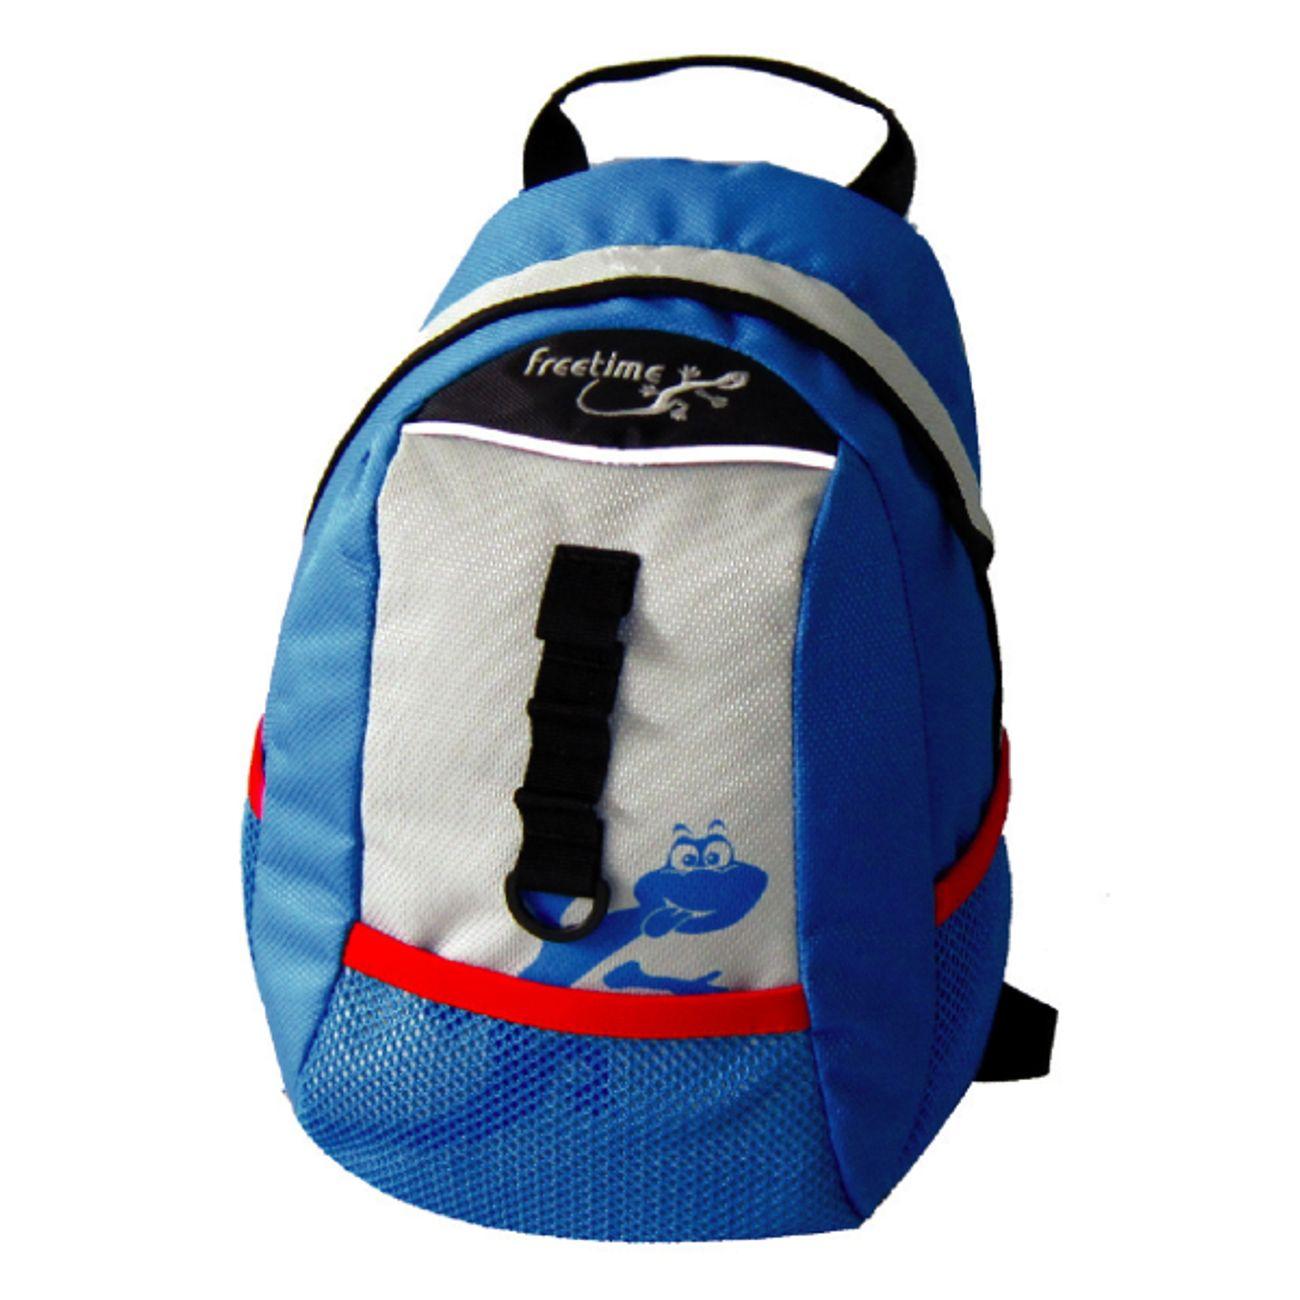 sacs dos 12l geckie petit sacs dos sac dos enfants pour cole achat et prix pas cher. Black Bedroom Furniture Sets. Home Design Ideas